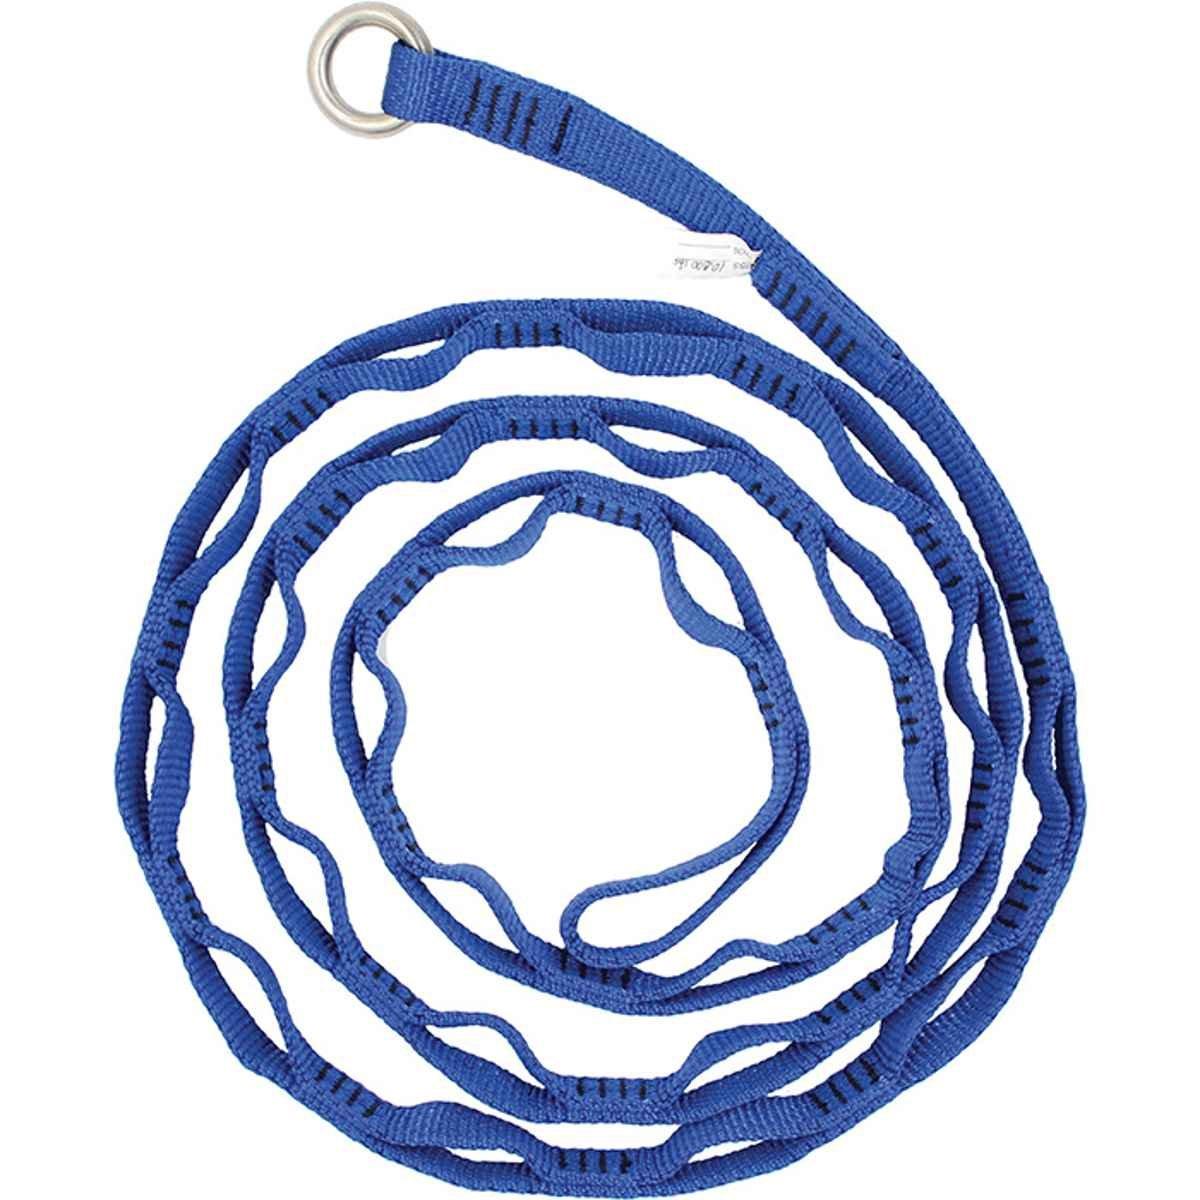 CMIアンカーSling 10インチブルー – anchor2 – 10ブルー   B07D5DX48C